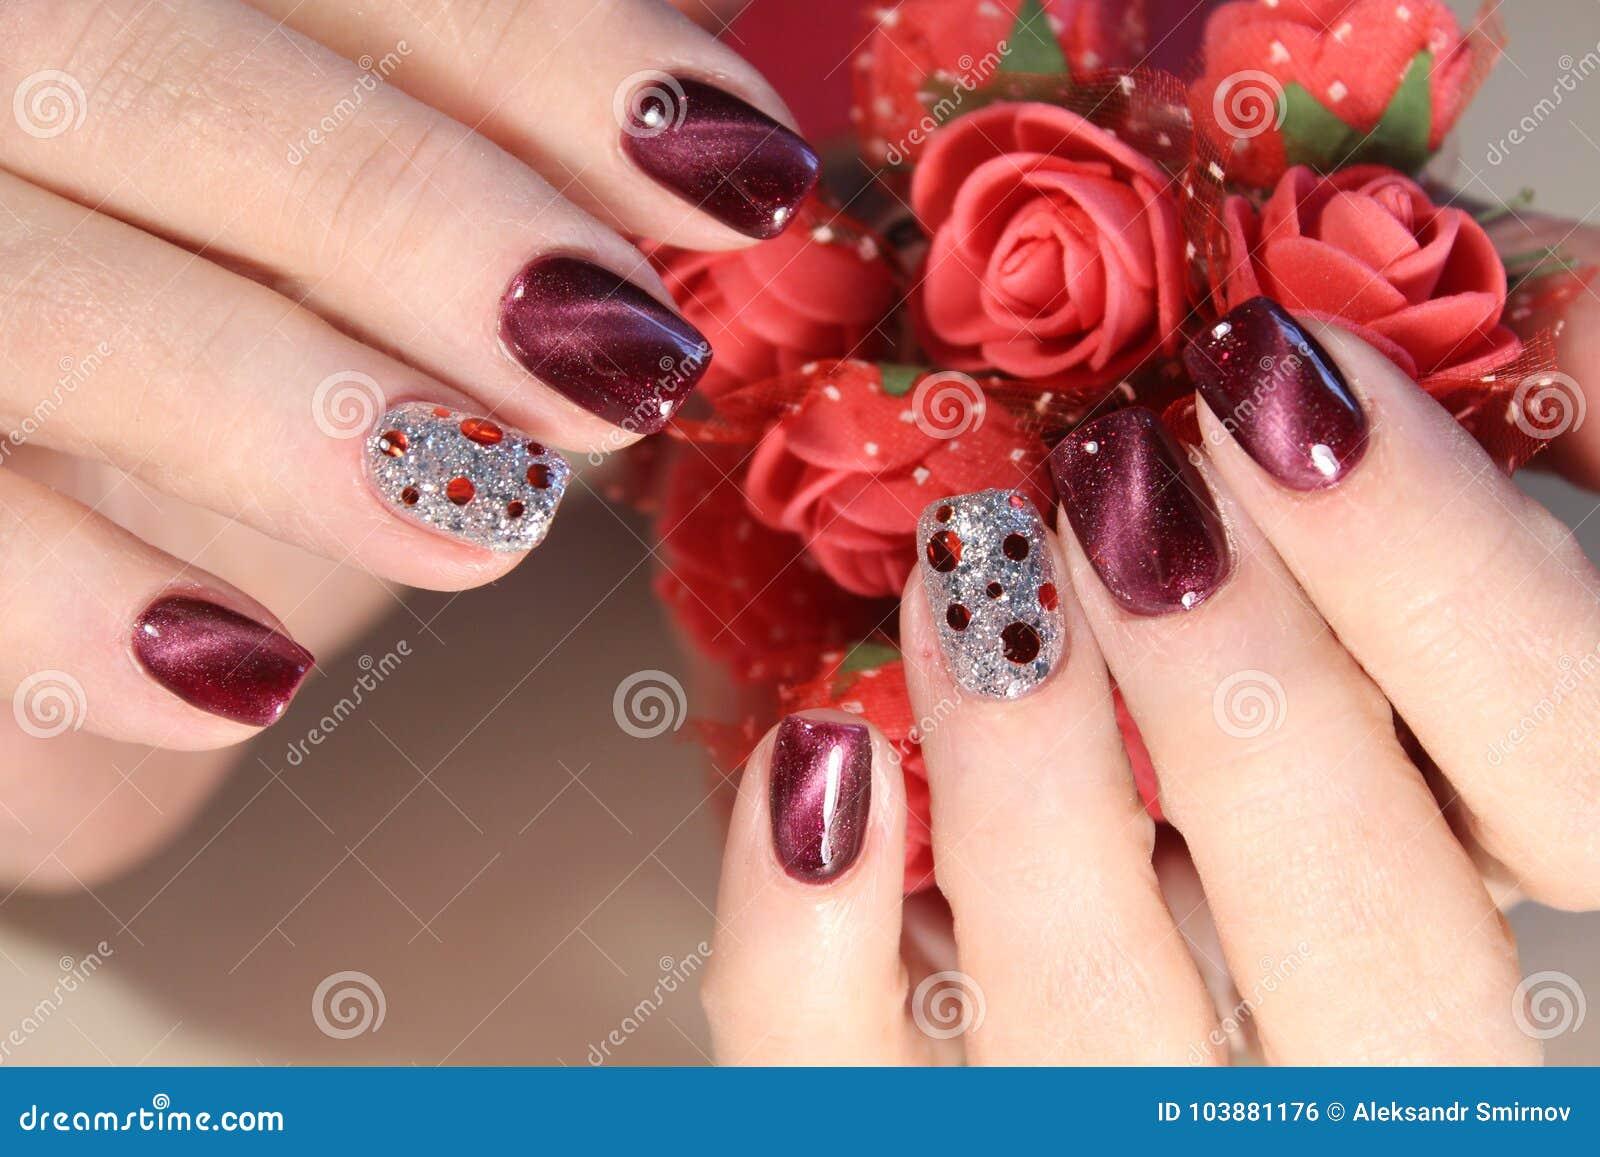 Beautiful Nail Art Manicure Stock Photo Image Of Black Nail